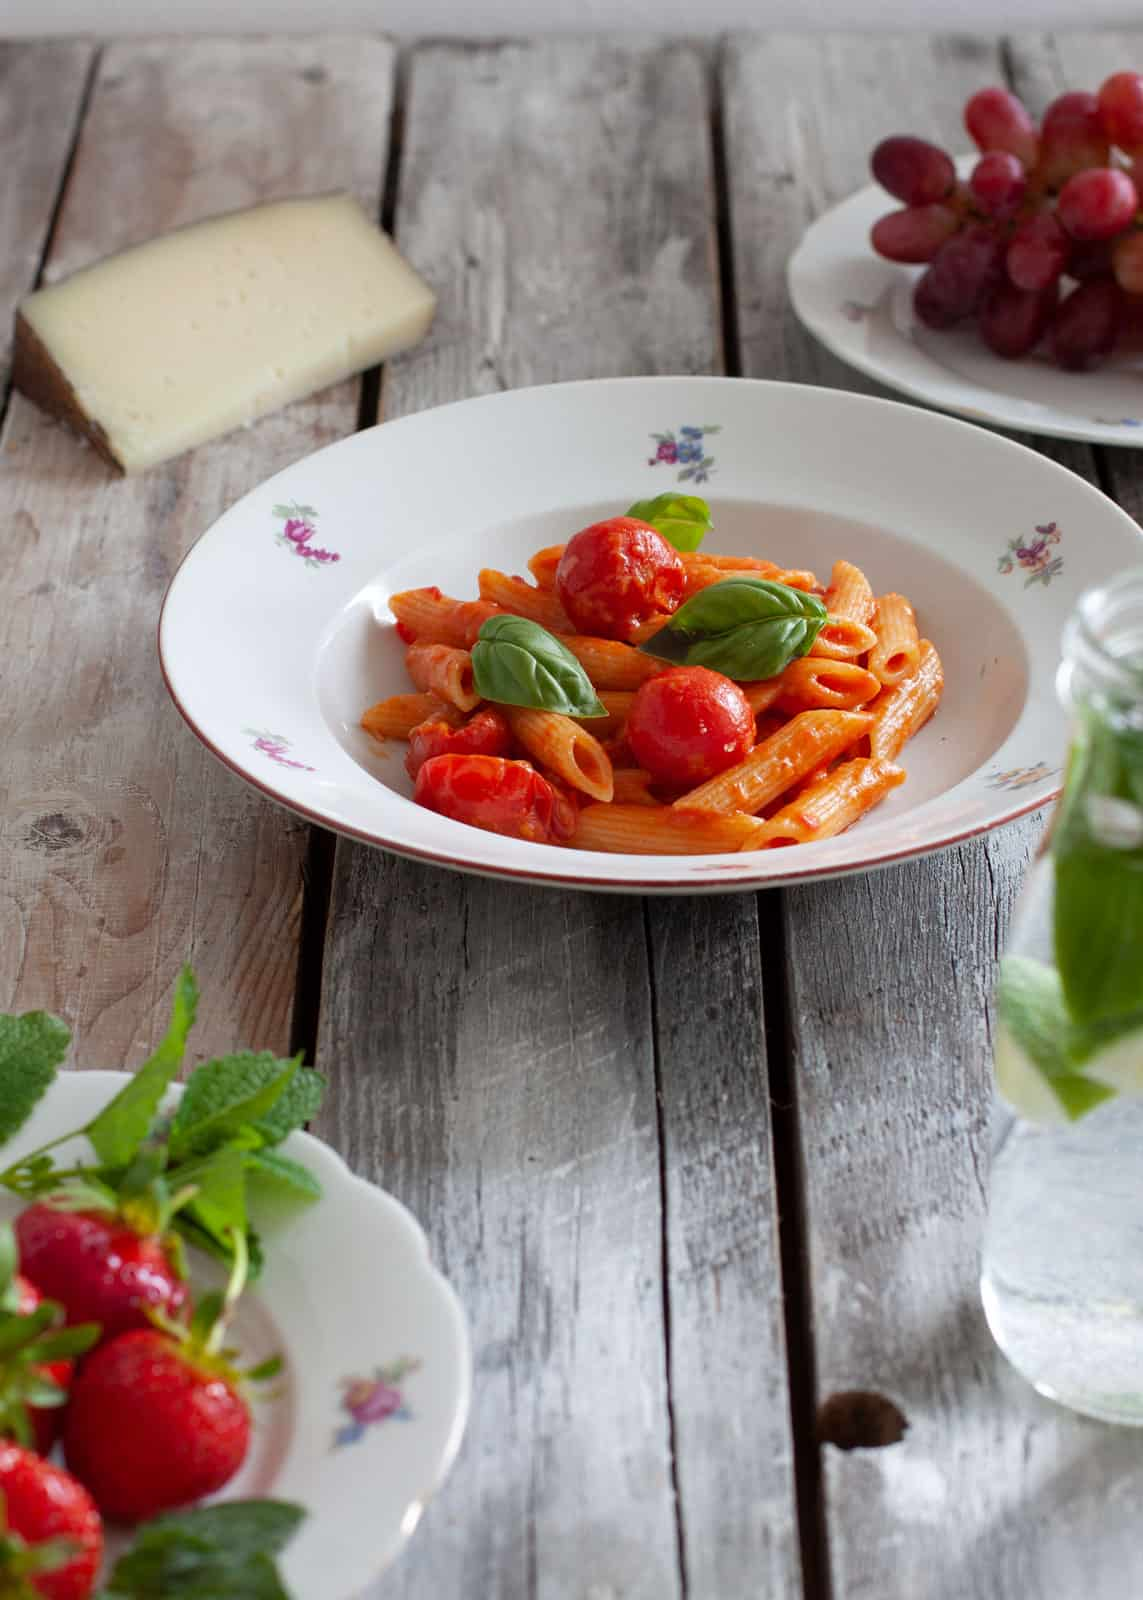 Pasta allo scarpariello - tomatoes